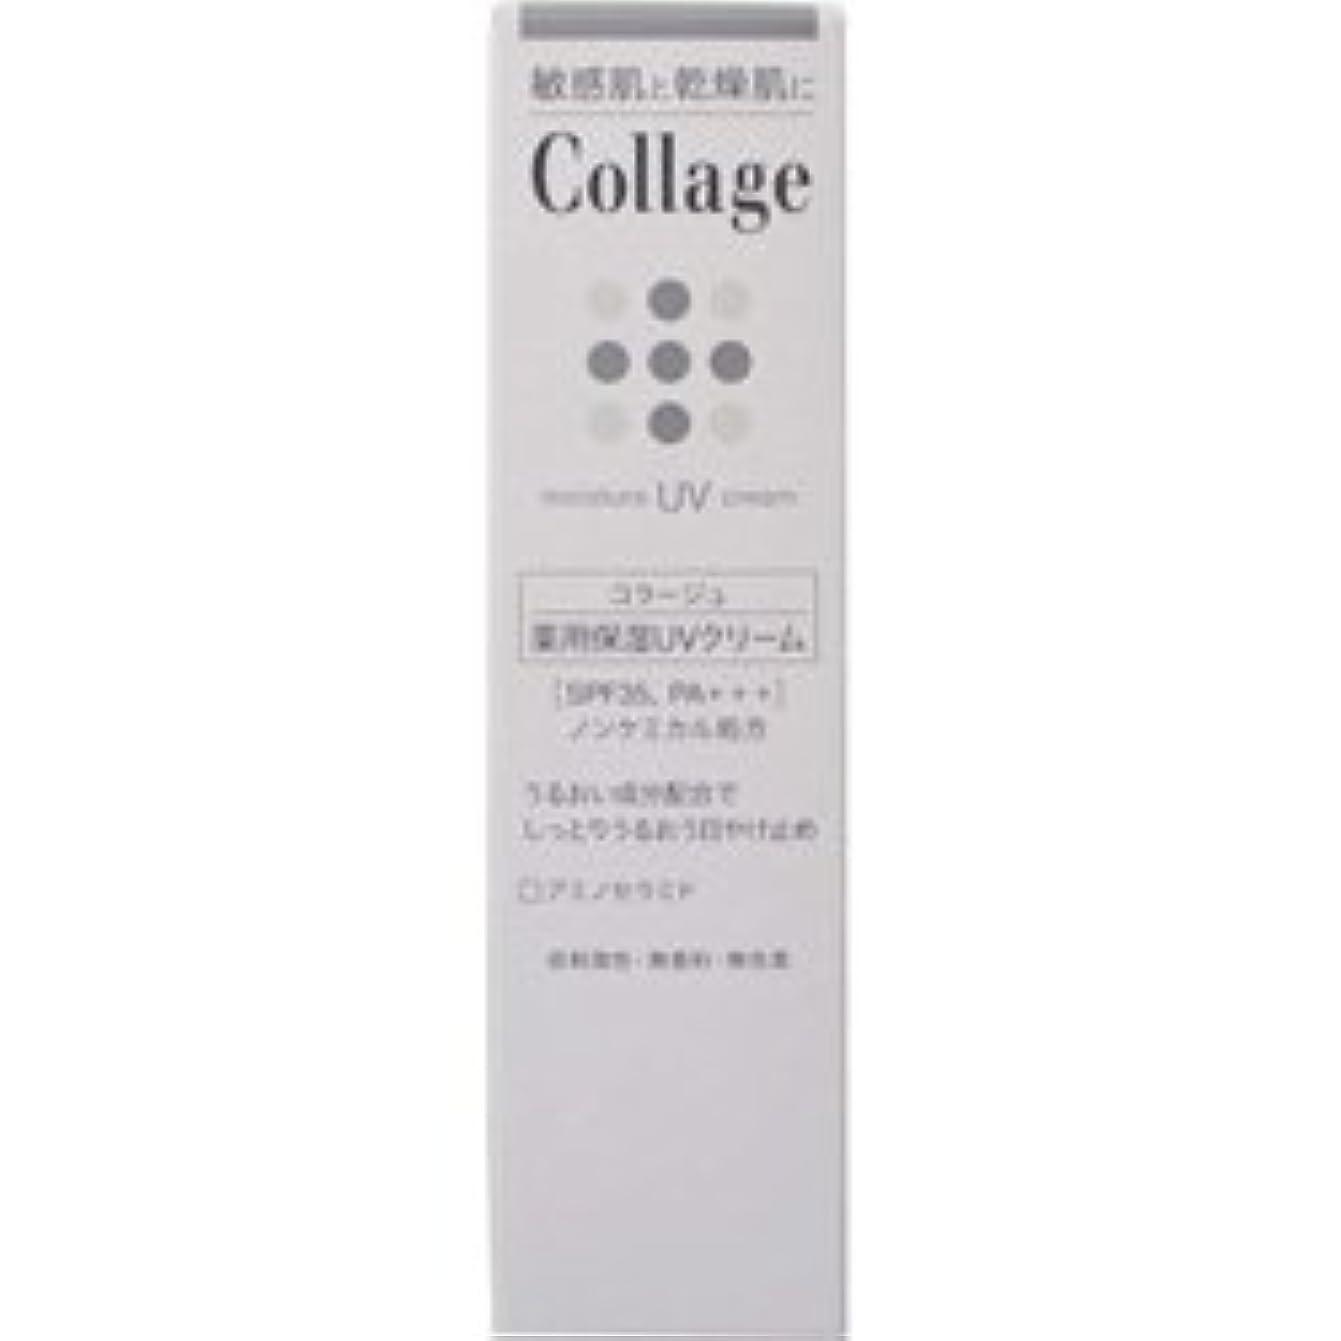 興味若い可聴【持田ヘルスケア】 コラージュ薬用保湿UVクリーム 30g (医薬部外品) ×3個セット